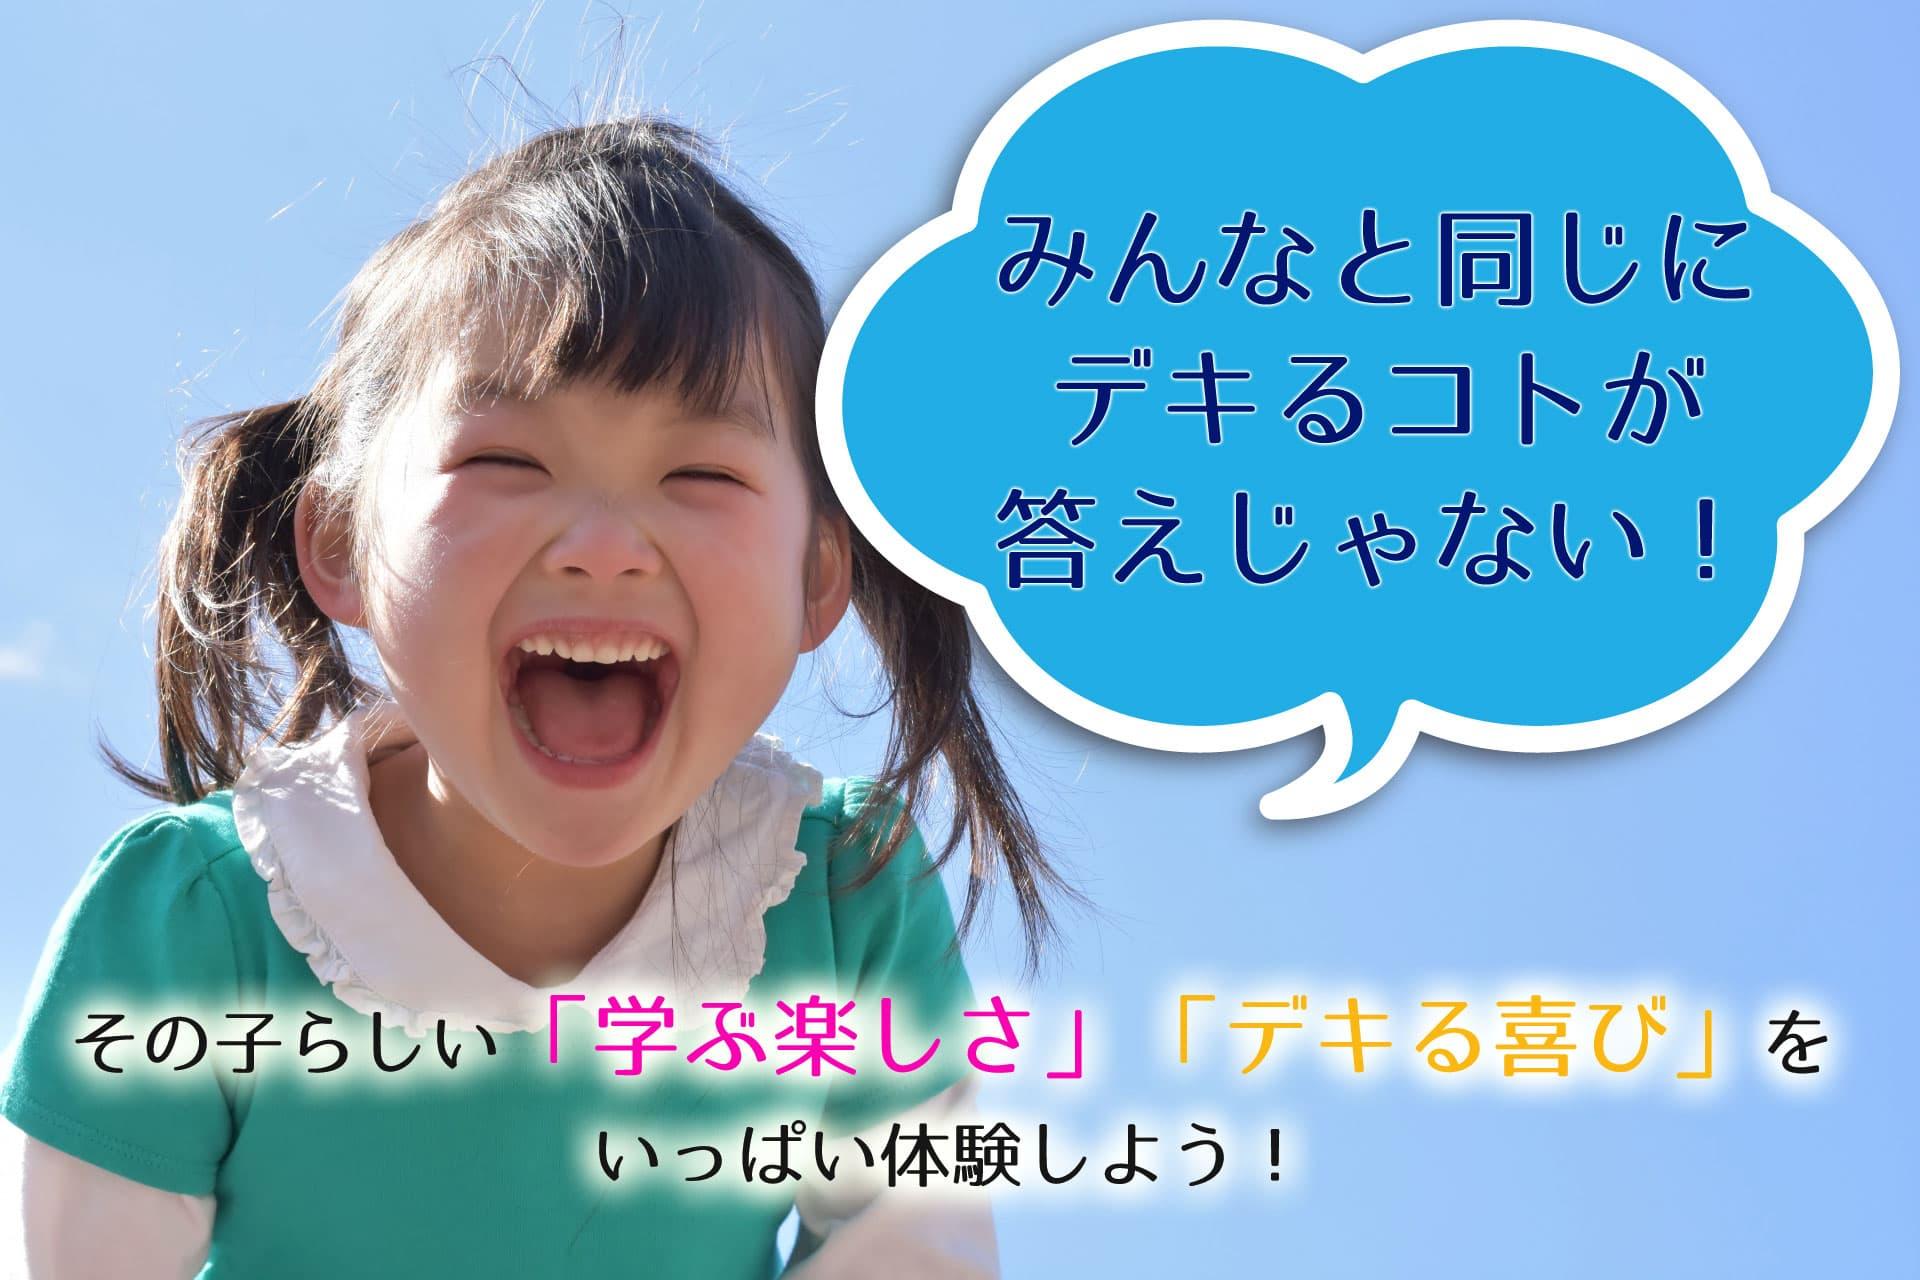 京都の放課後等デイサービスJiria(じりあ)02